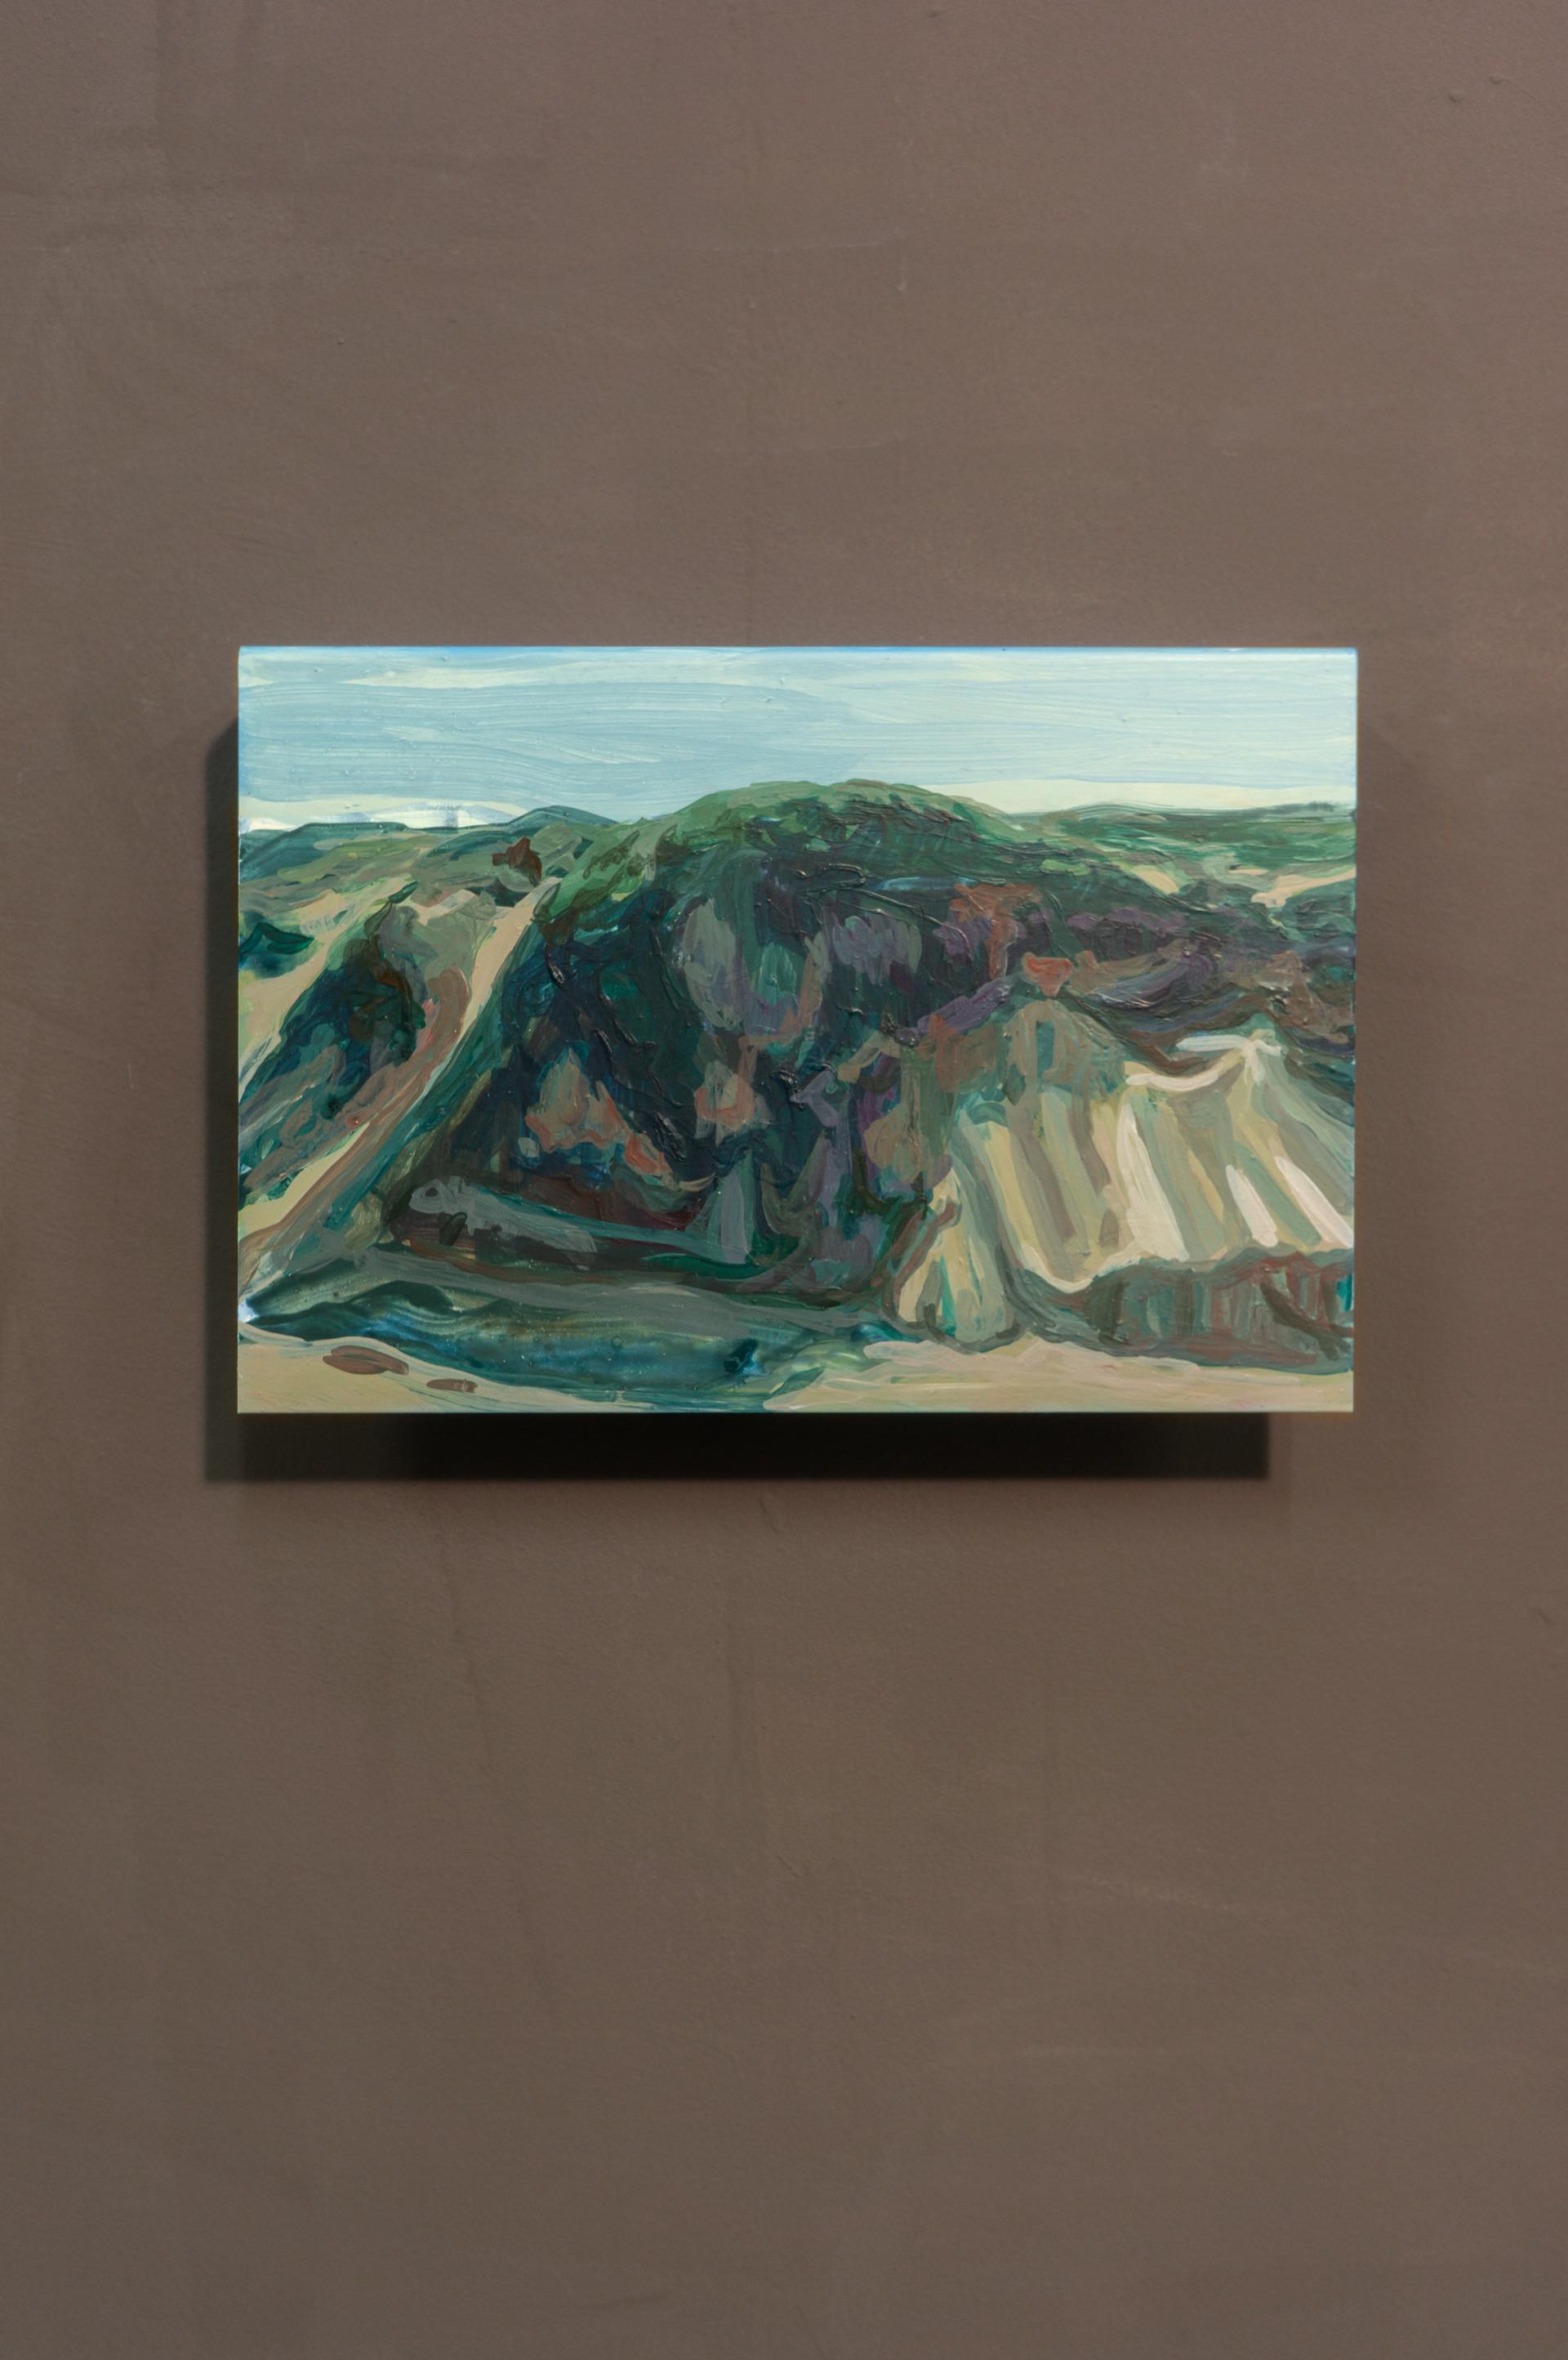 Dune #1, Acrylic on folded iron, 15 x 22 x 5 cm (2019)